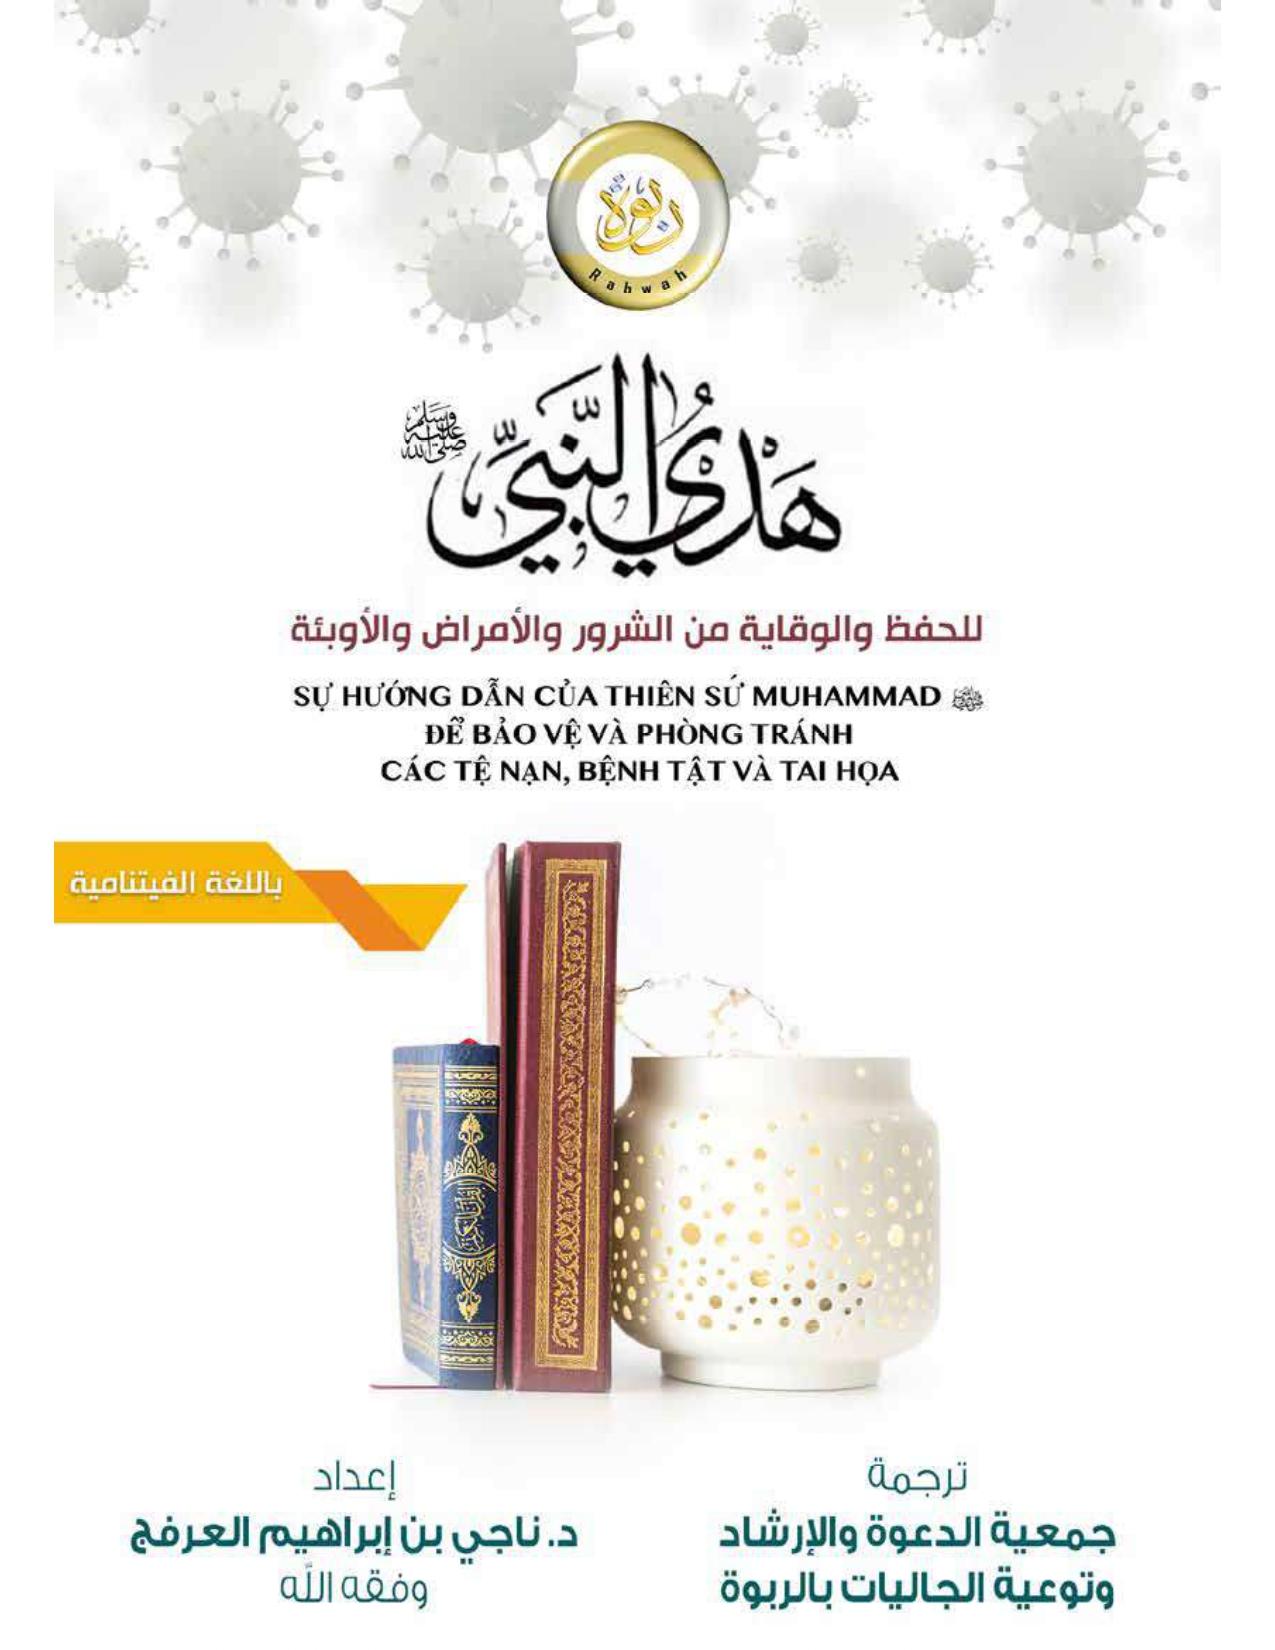 Sự hướng dẫn của Thiên Sứ Muhammad để bảo vệ